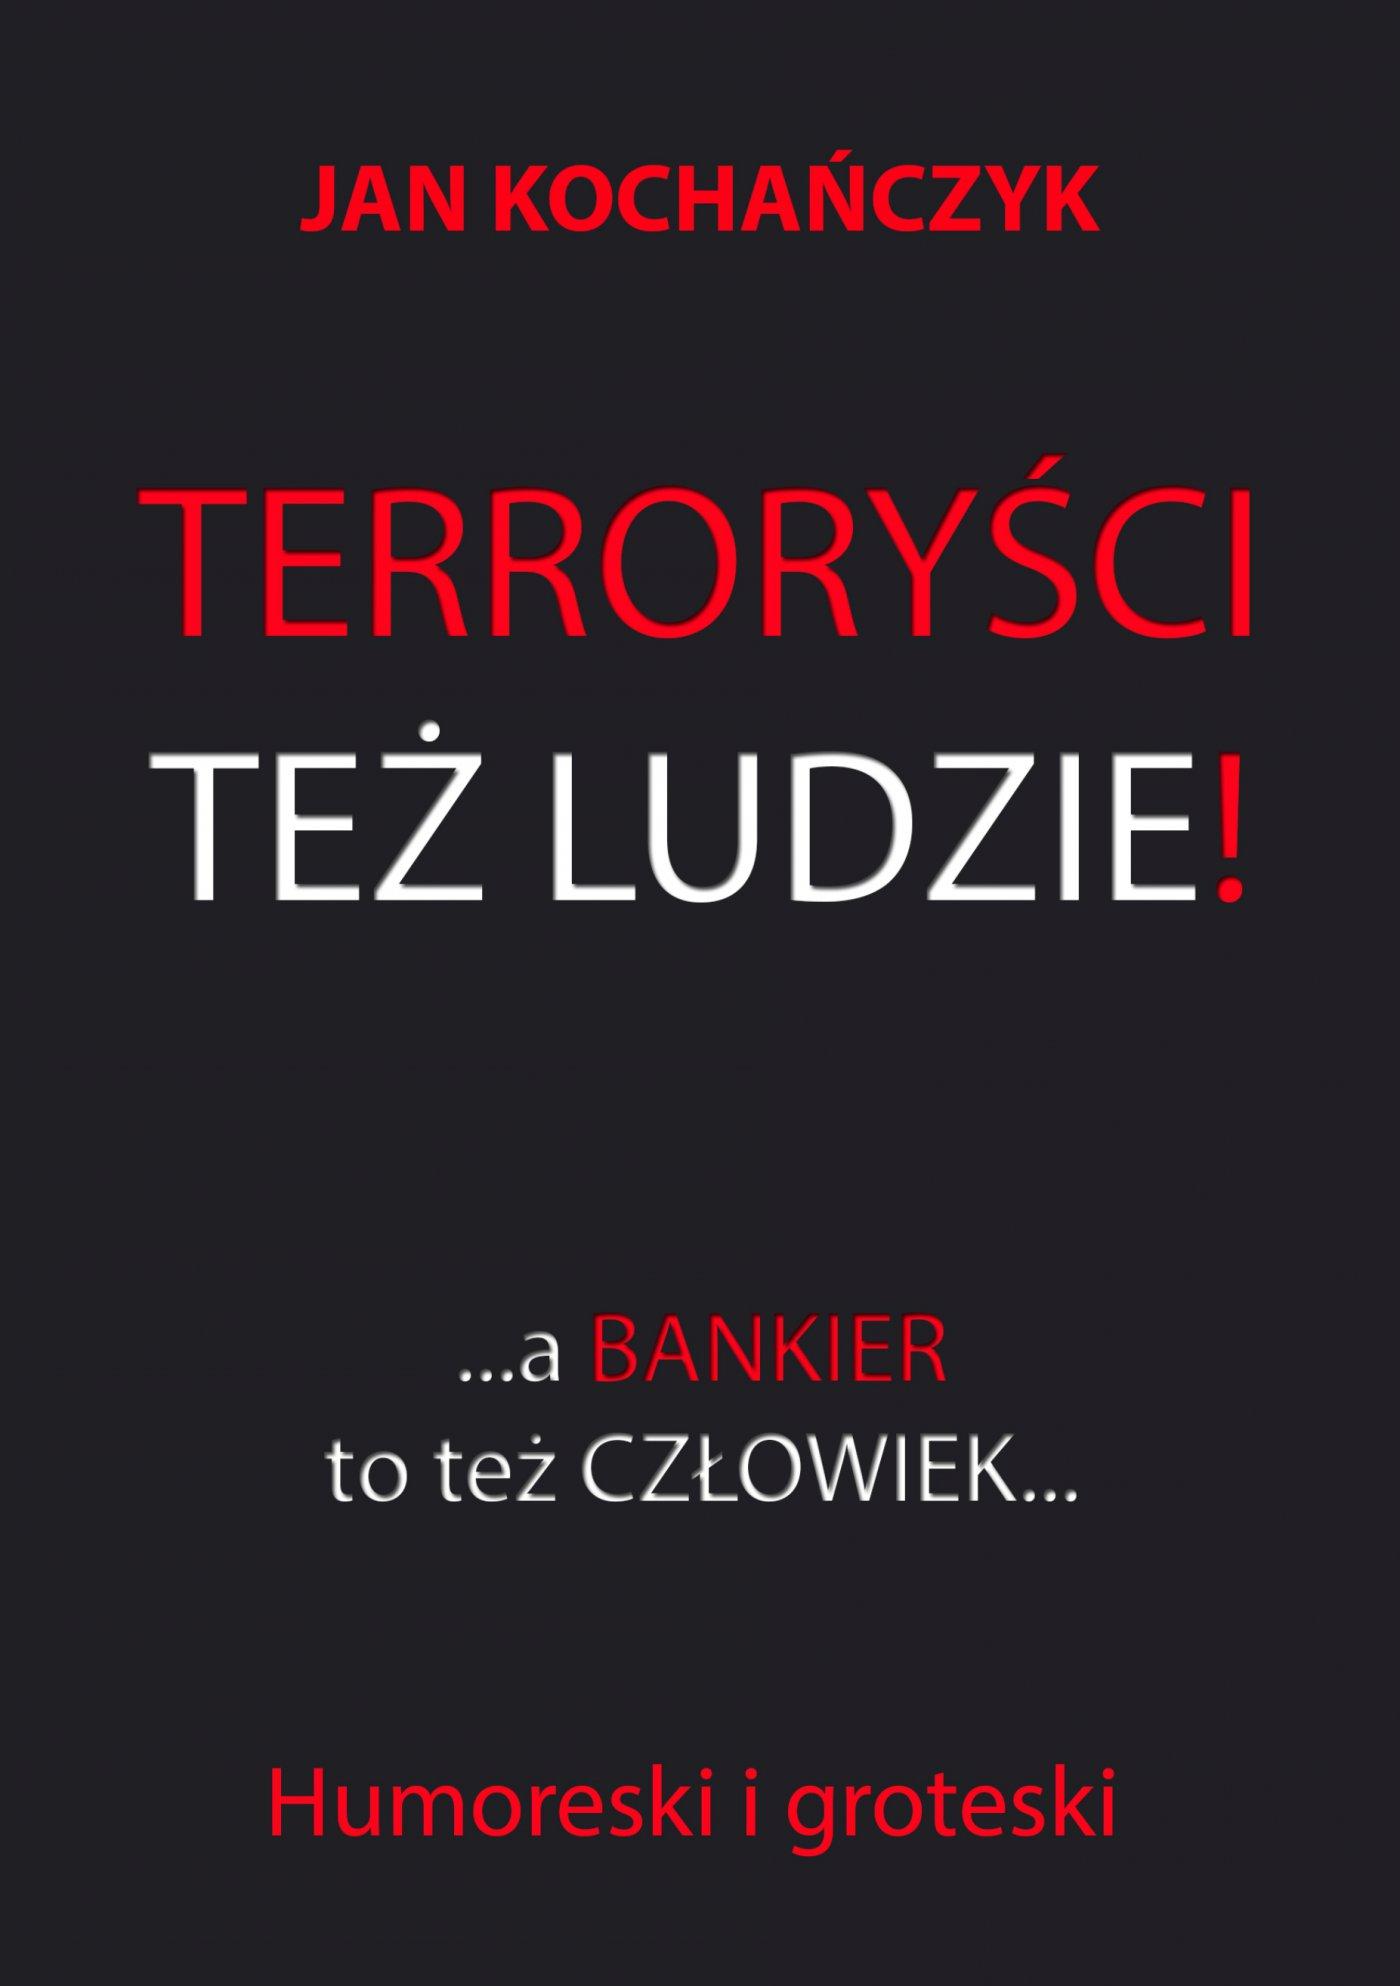 Terroryści też ludzie! - Ebook (Książka PDF) do pobrania w formacie PDF